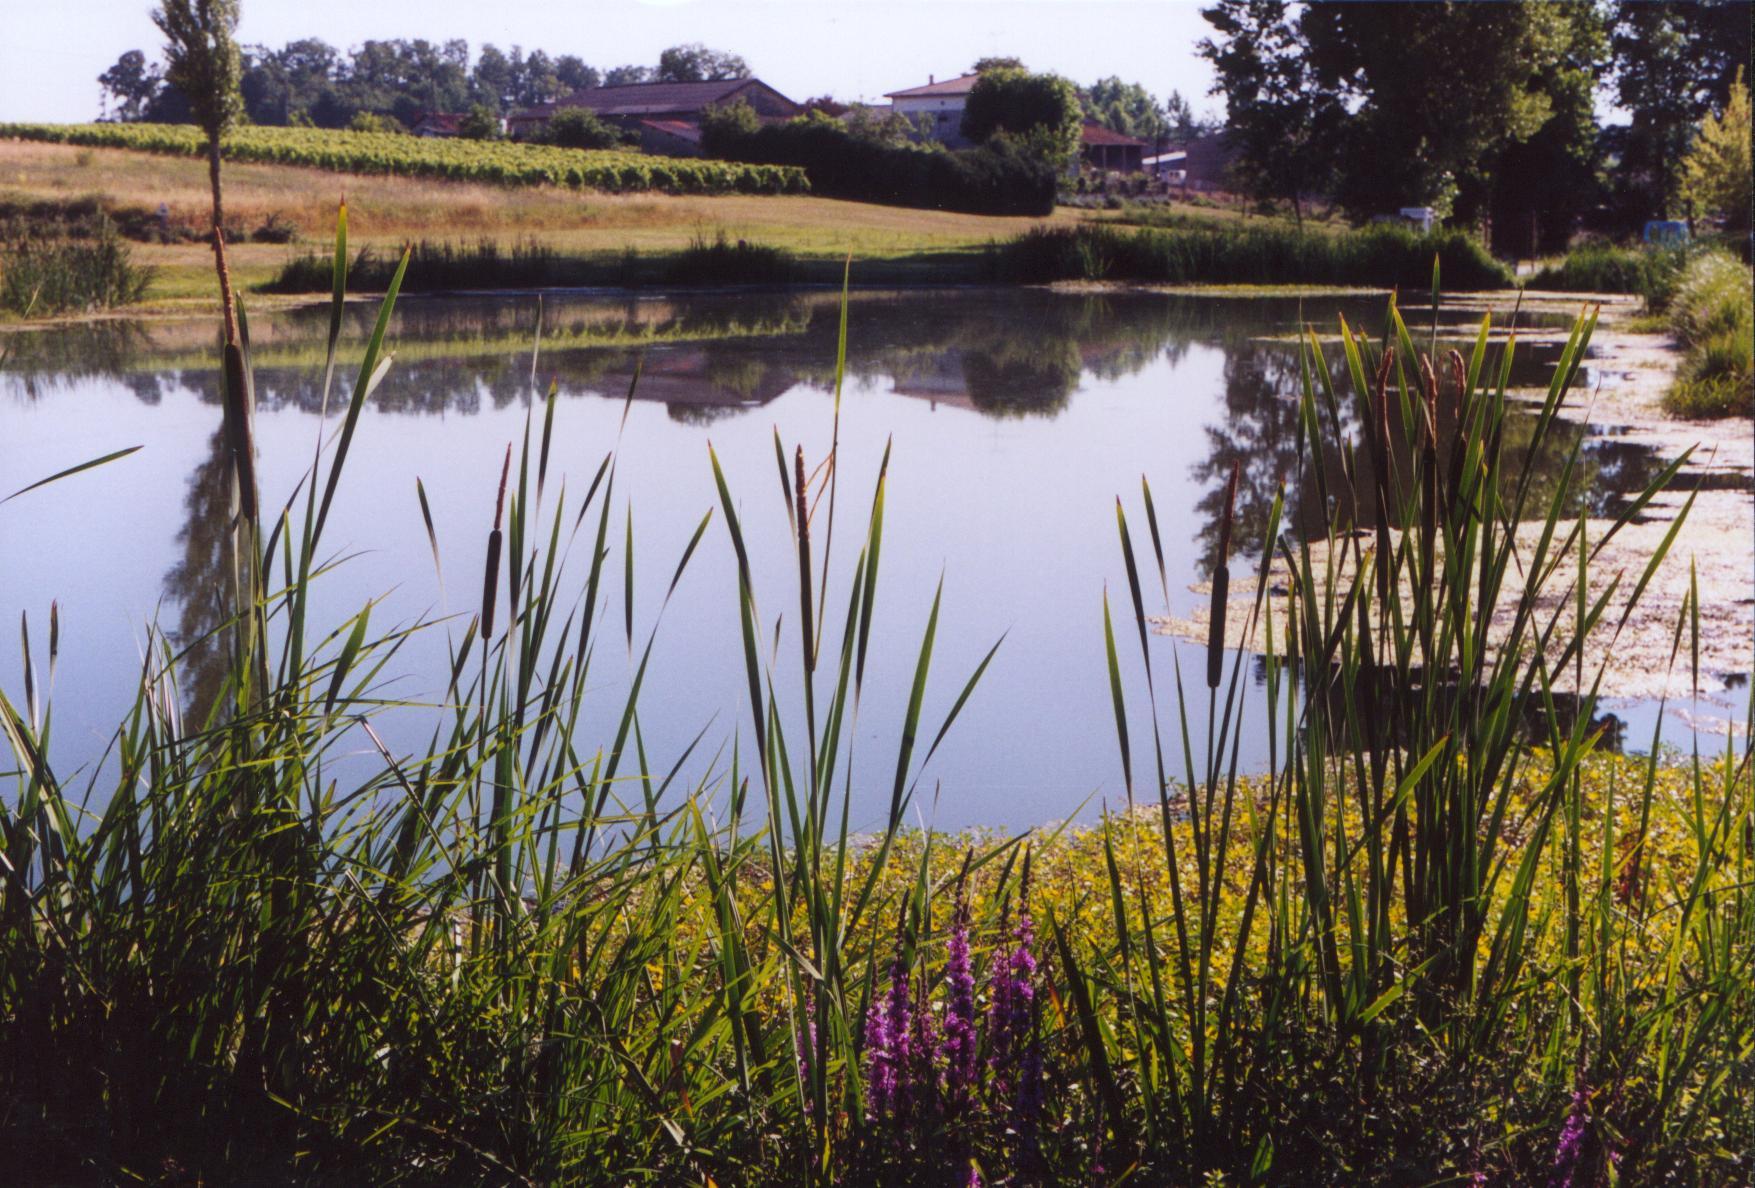 étang-de-vallet, commune de Montendre